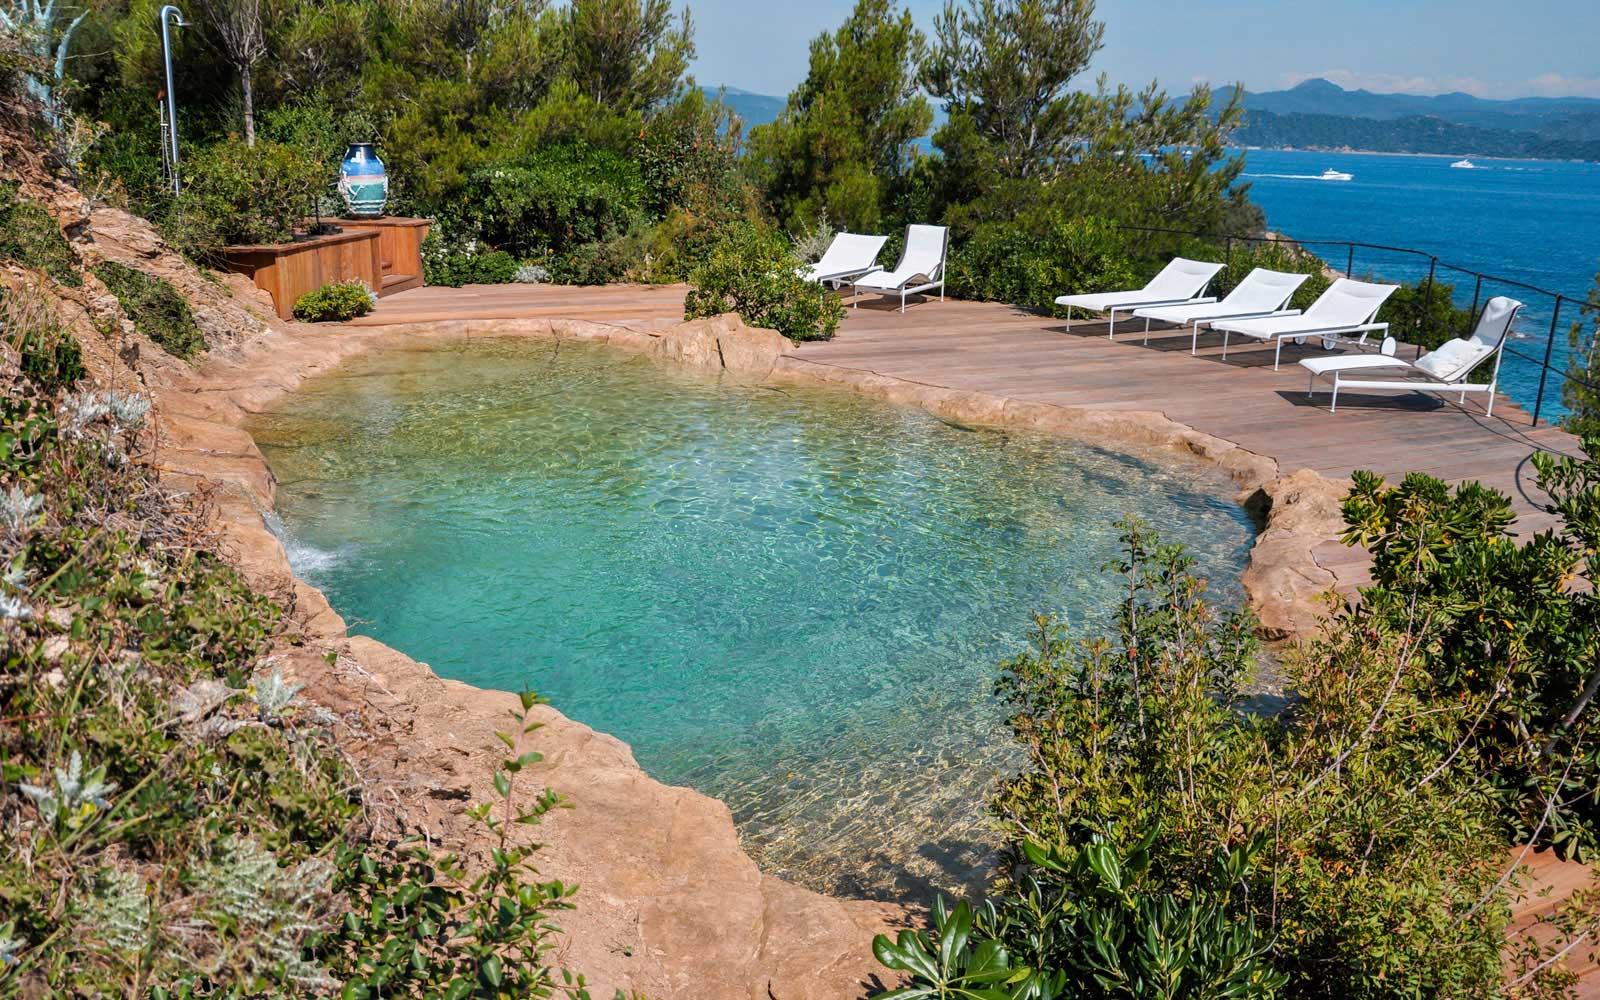 Natural pool nestling in rocks